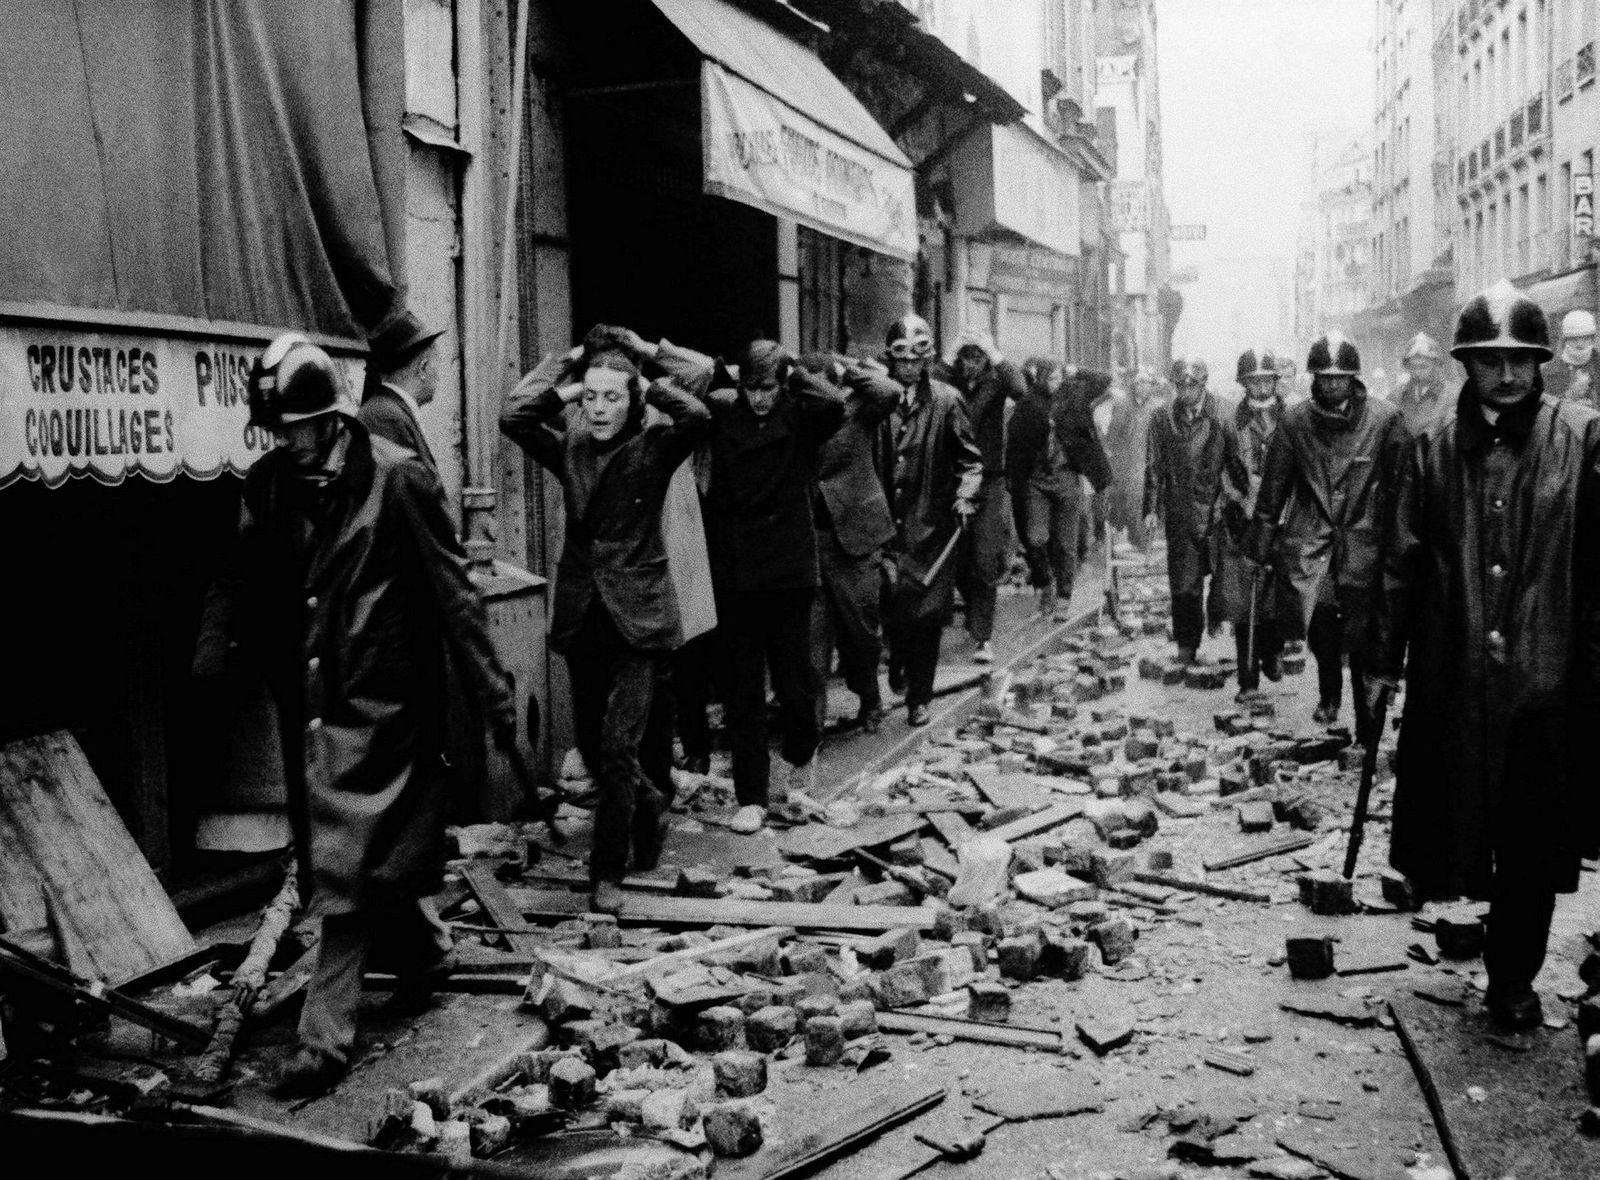 Pågrepne studenter fotografert den 10. mai 1968 i Latinerkvarteret i Paris. Natt til 10. mai var det kraftige sammenstøt mellom studenter og politi. Etter 11 timer fikk politiet kontroll på situasjonen.